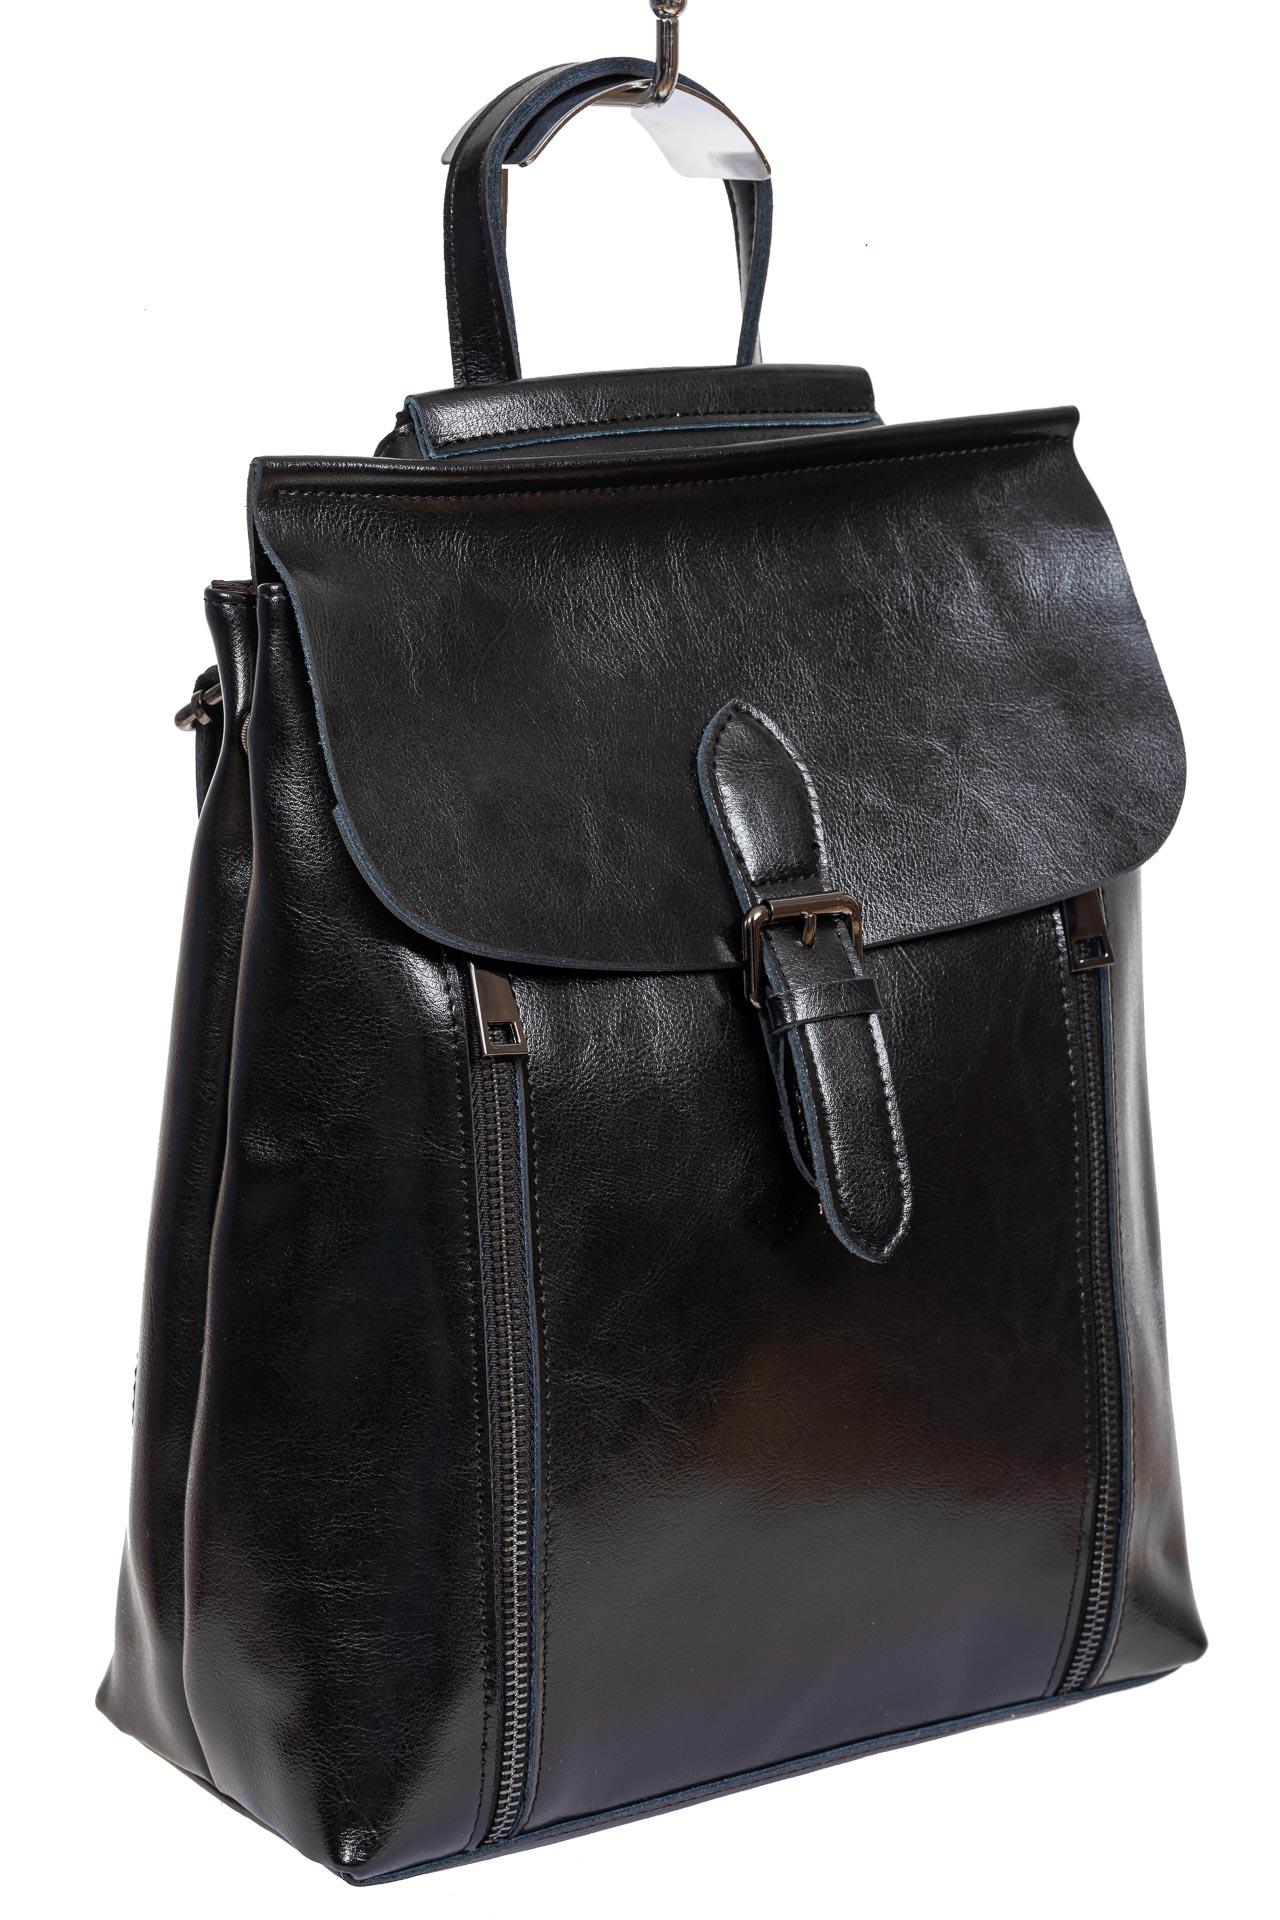 Кожаный рюкзак-трансформер, цвет чёрный